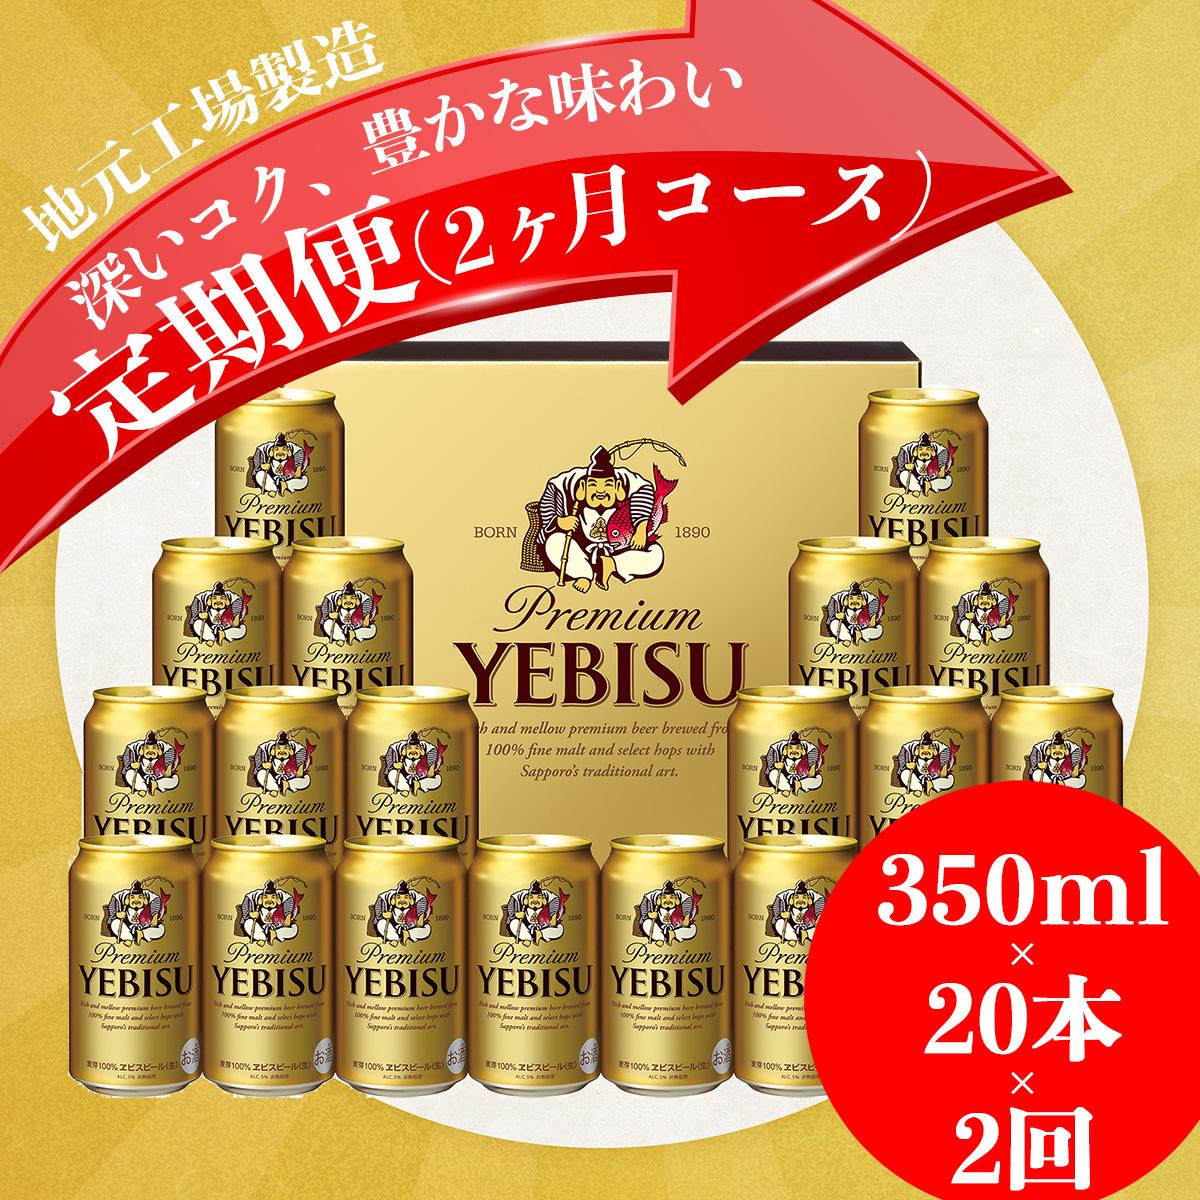 【ふるさと納税】地元名取生産 ヱビスビール 350ml 20缶 ギフトセット定期便(2ヶ月コース)